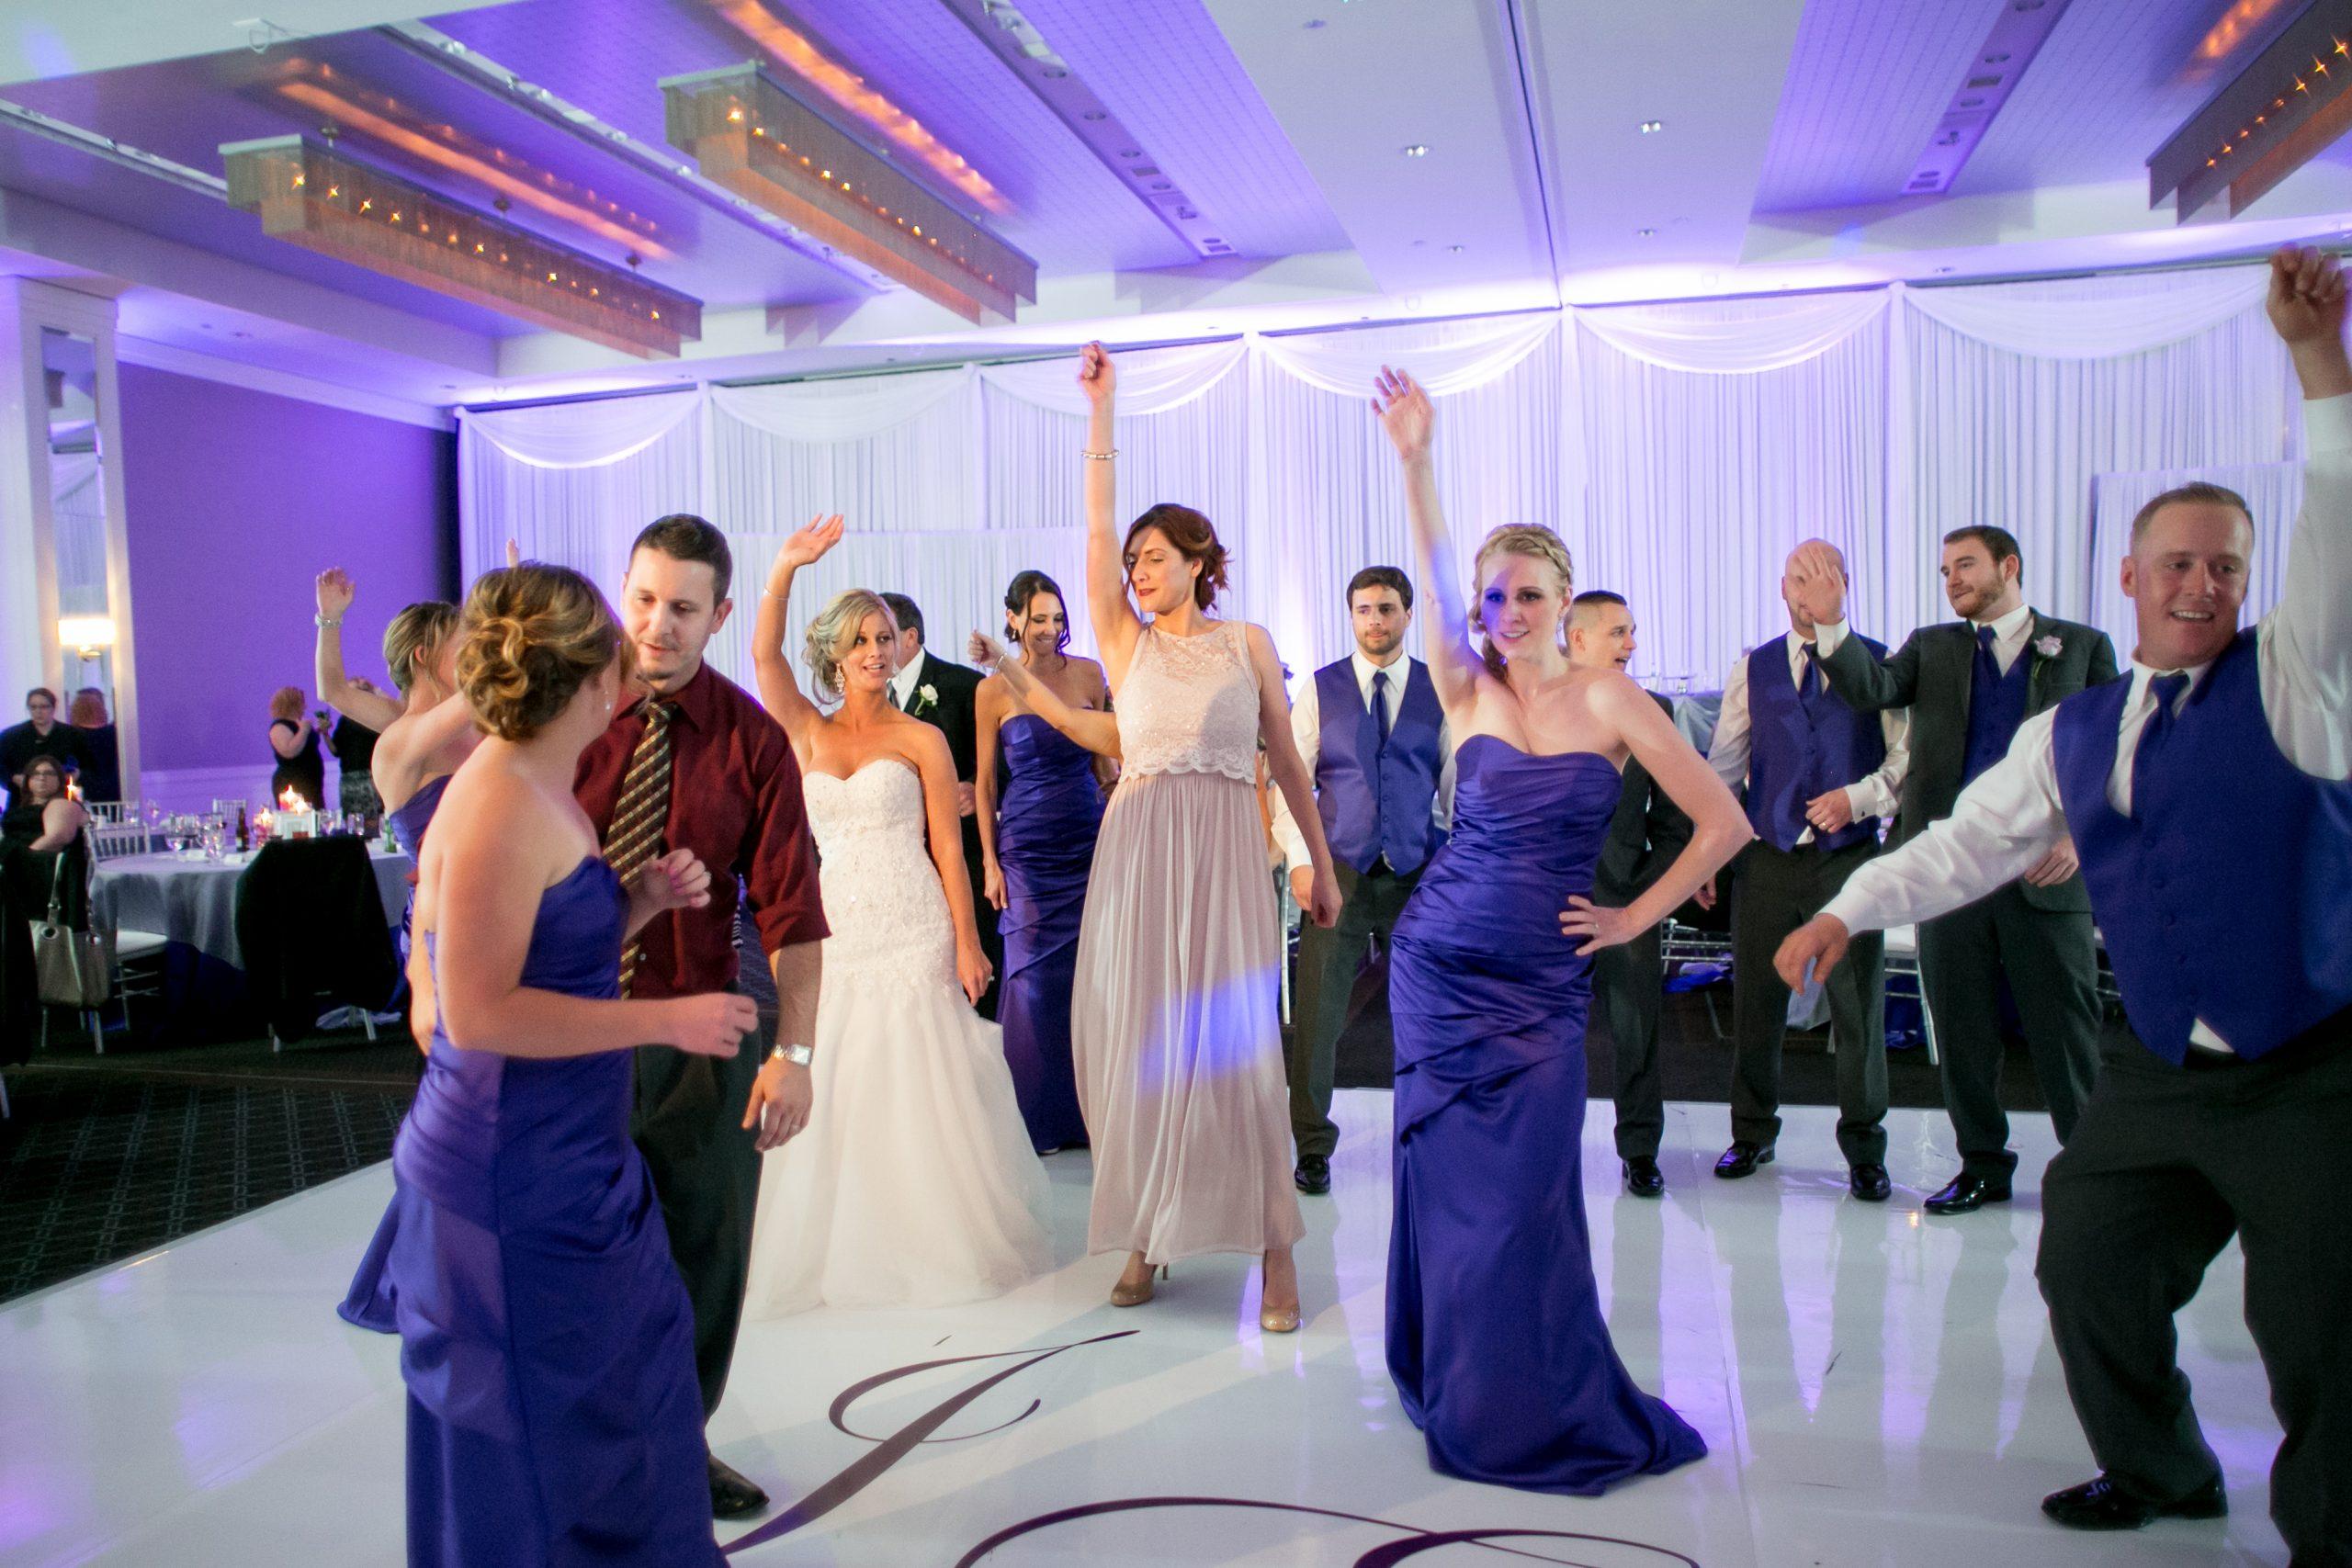 Chicago-Wedding-DJ-Service-1